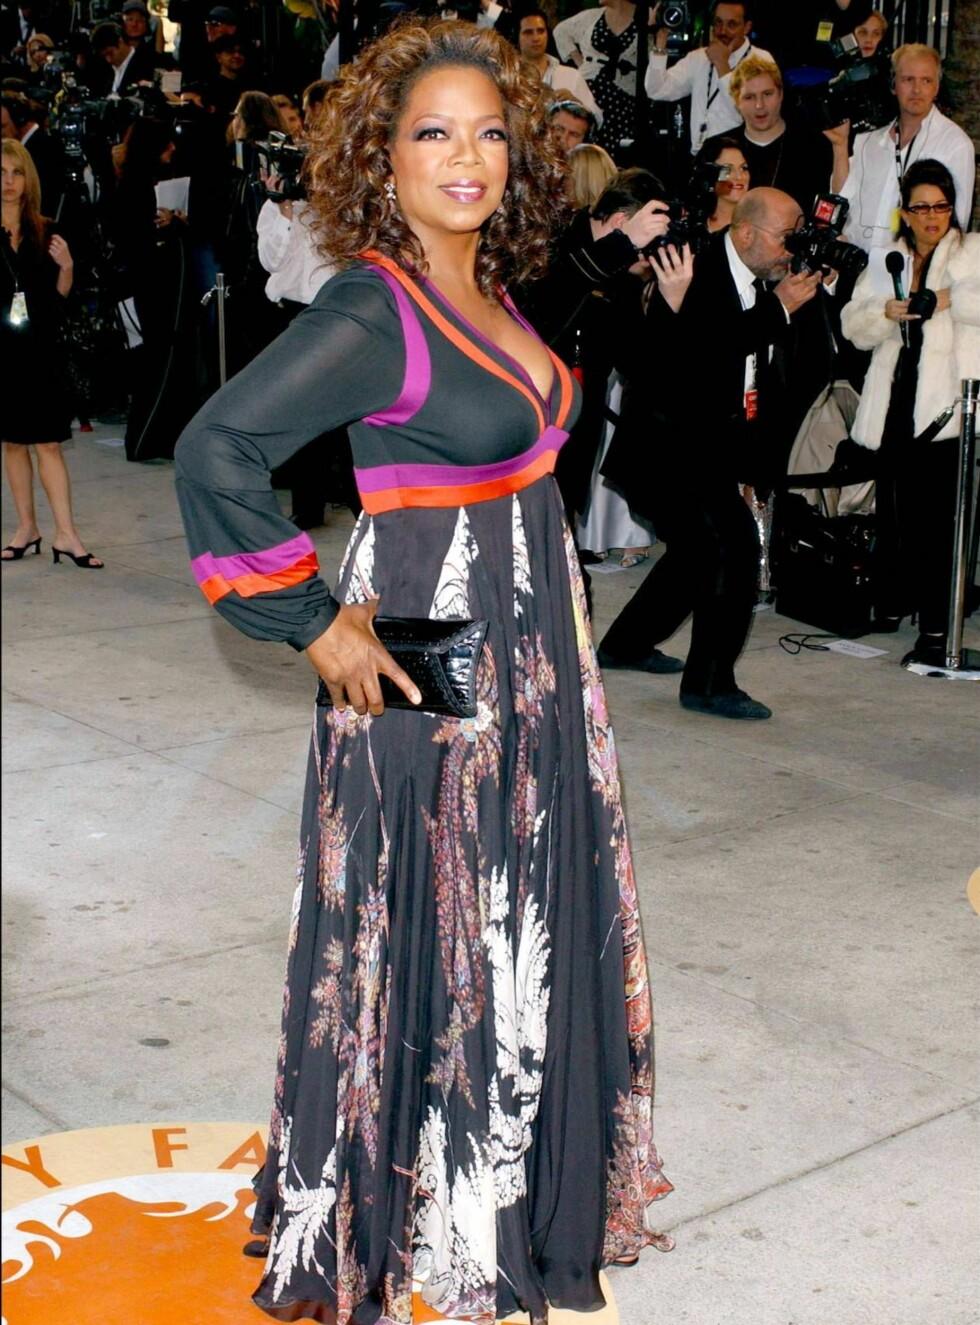 FLOTT: Oprah har gått opp og ned i vekt de siste årene, men nå ser det ut som om hun har fått seg kroppen hun ønsket seg. Mer selvtillitt enn Winfreys kan man se langt etter! Foto: Stella Pictures